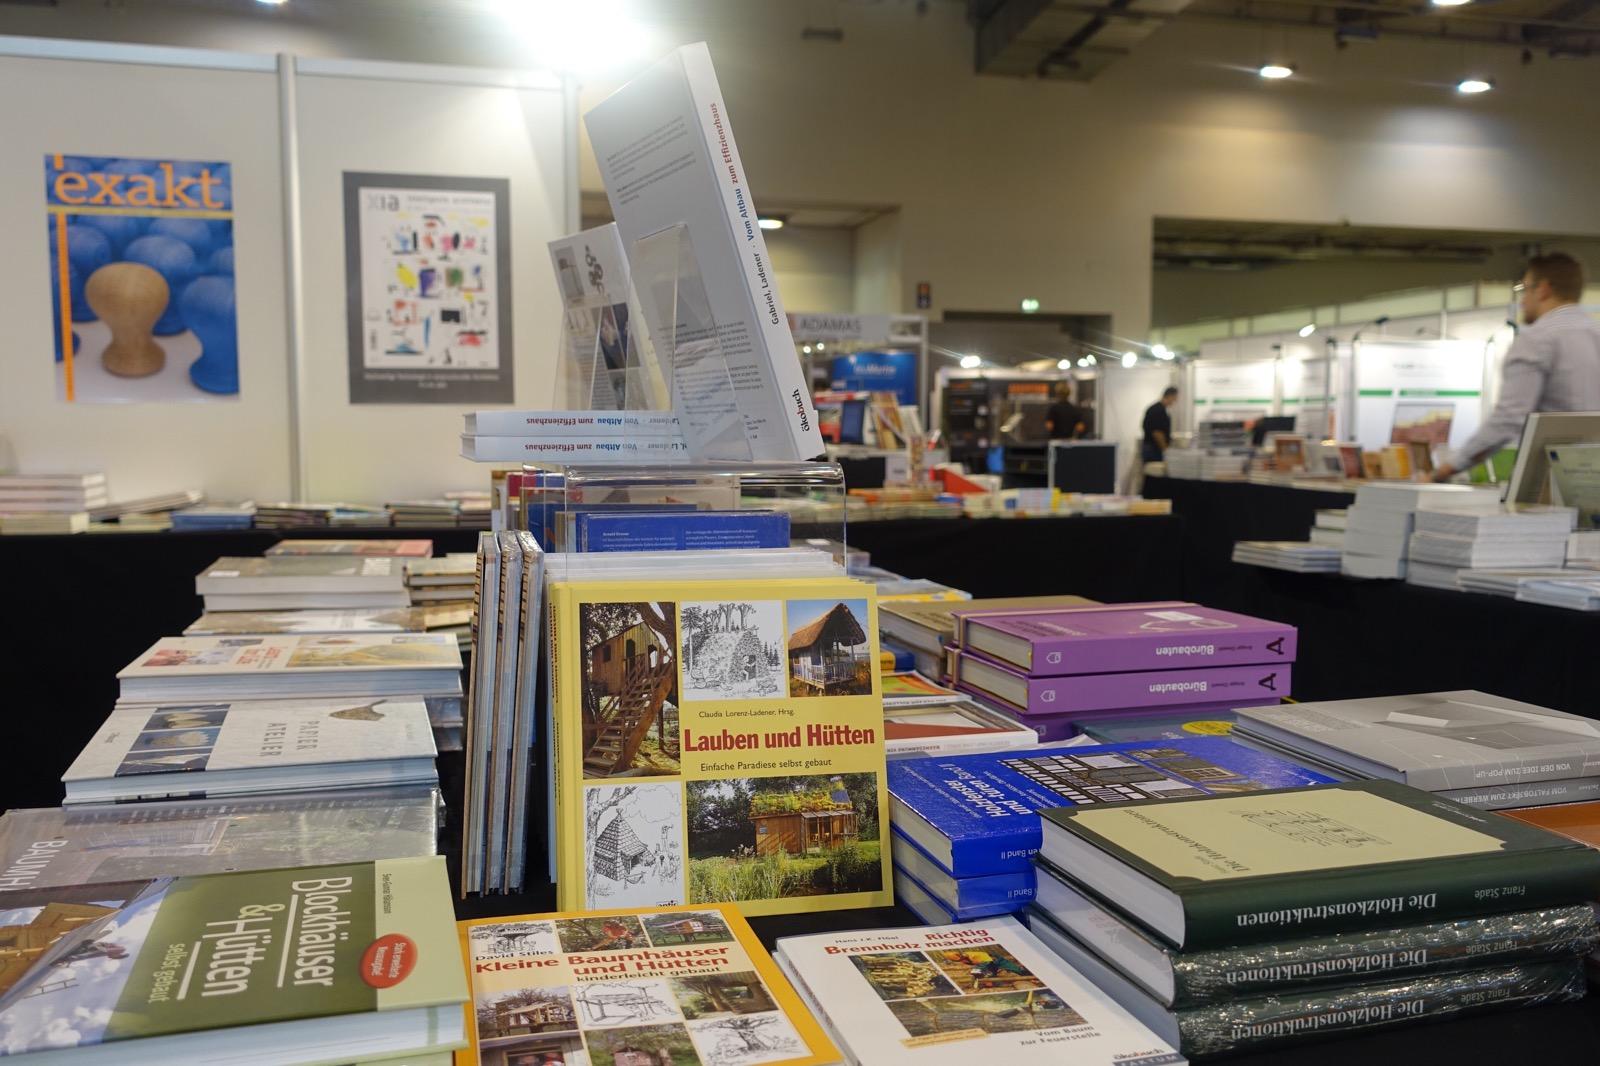 Impression DeubauKom 2016: großes Angebot an Büchern to go